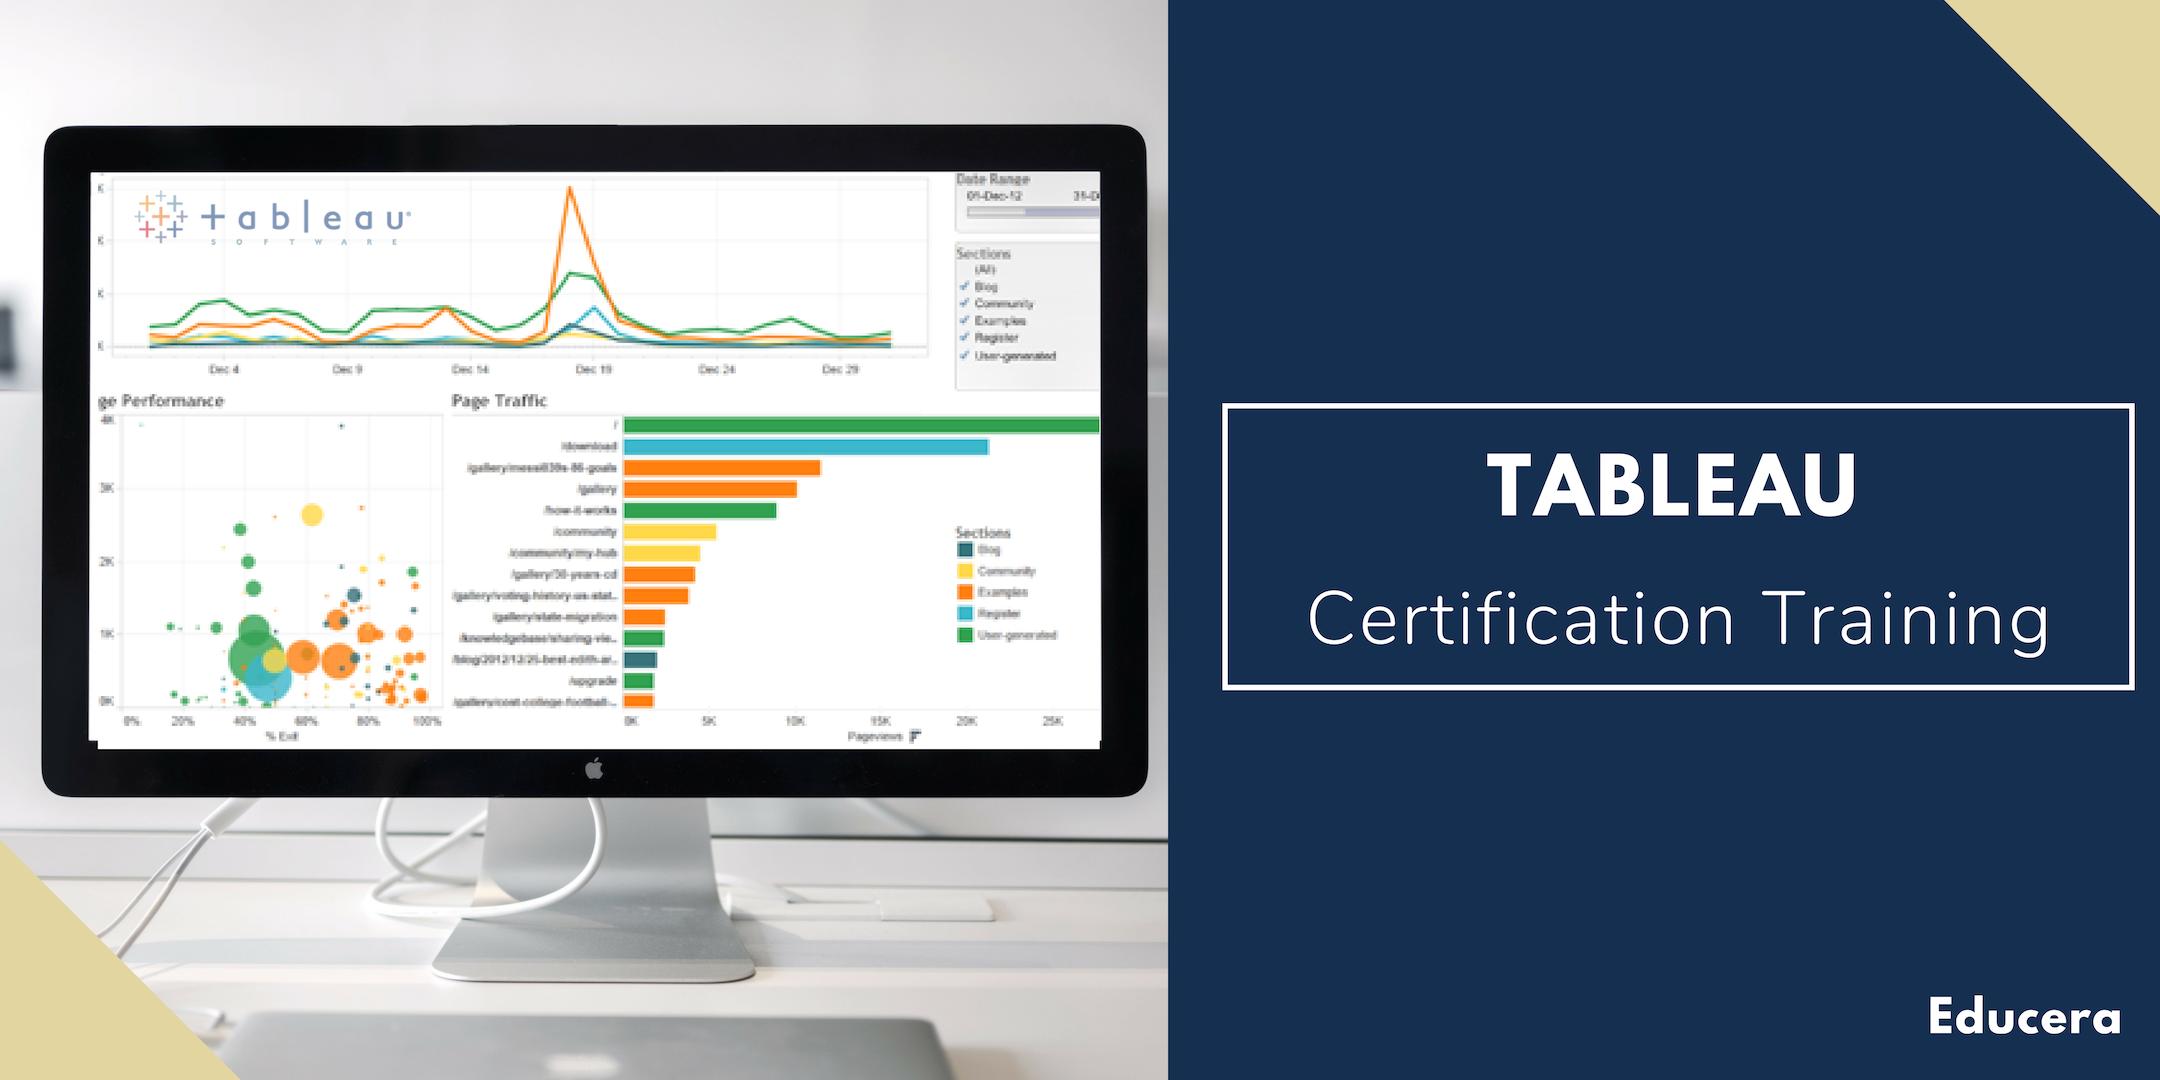 Tableau Certification Training in McAllen, TX